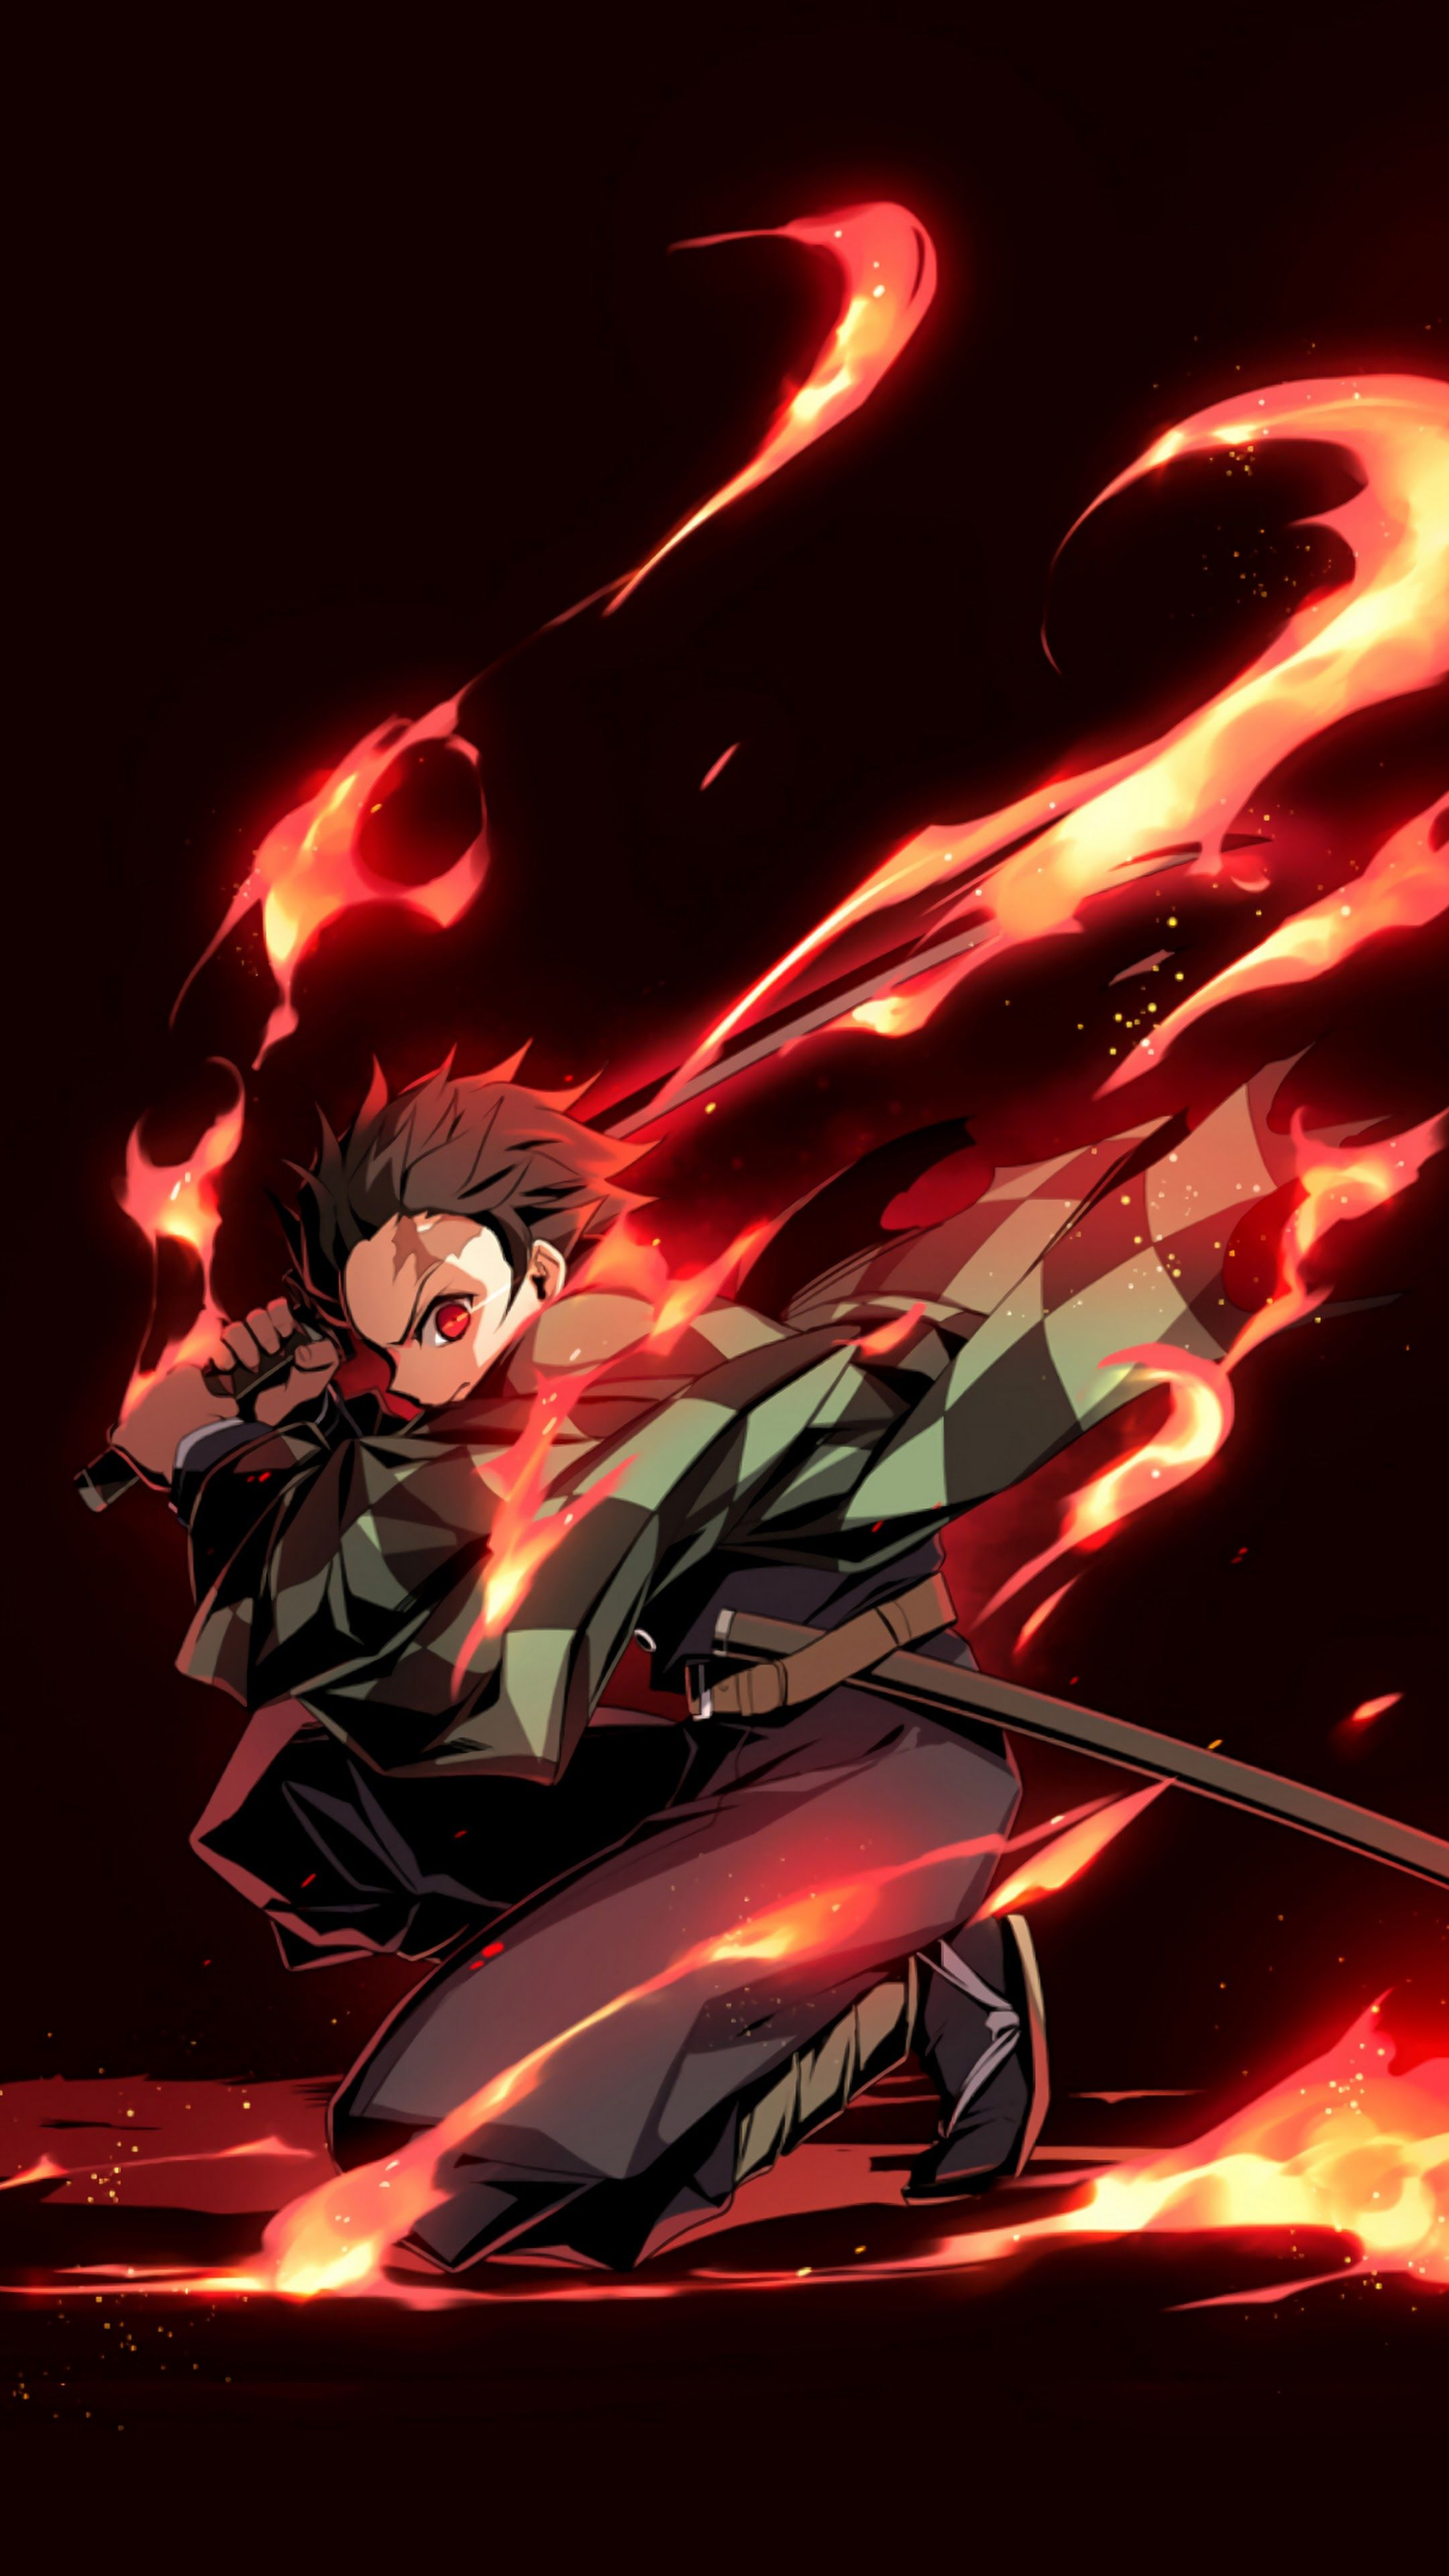 Kimetsu No Yaiba Wallpaper Hd Iphone Top Anime Wallpaper In 2020 Anime Demon Slayer Anime Hd Anime Wallpapers